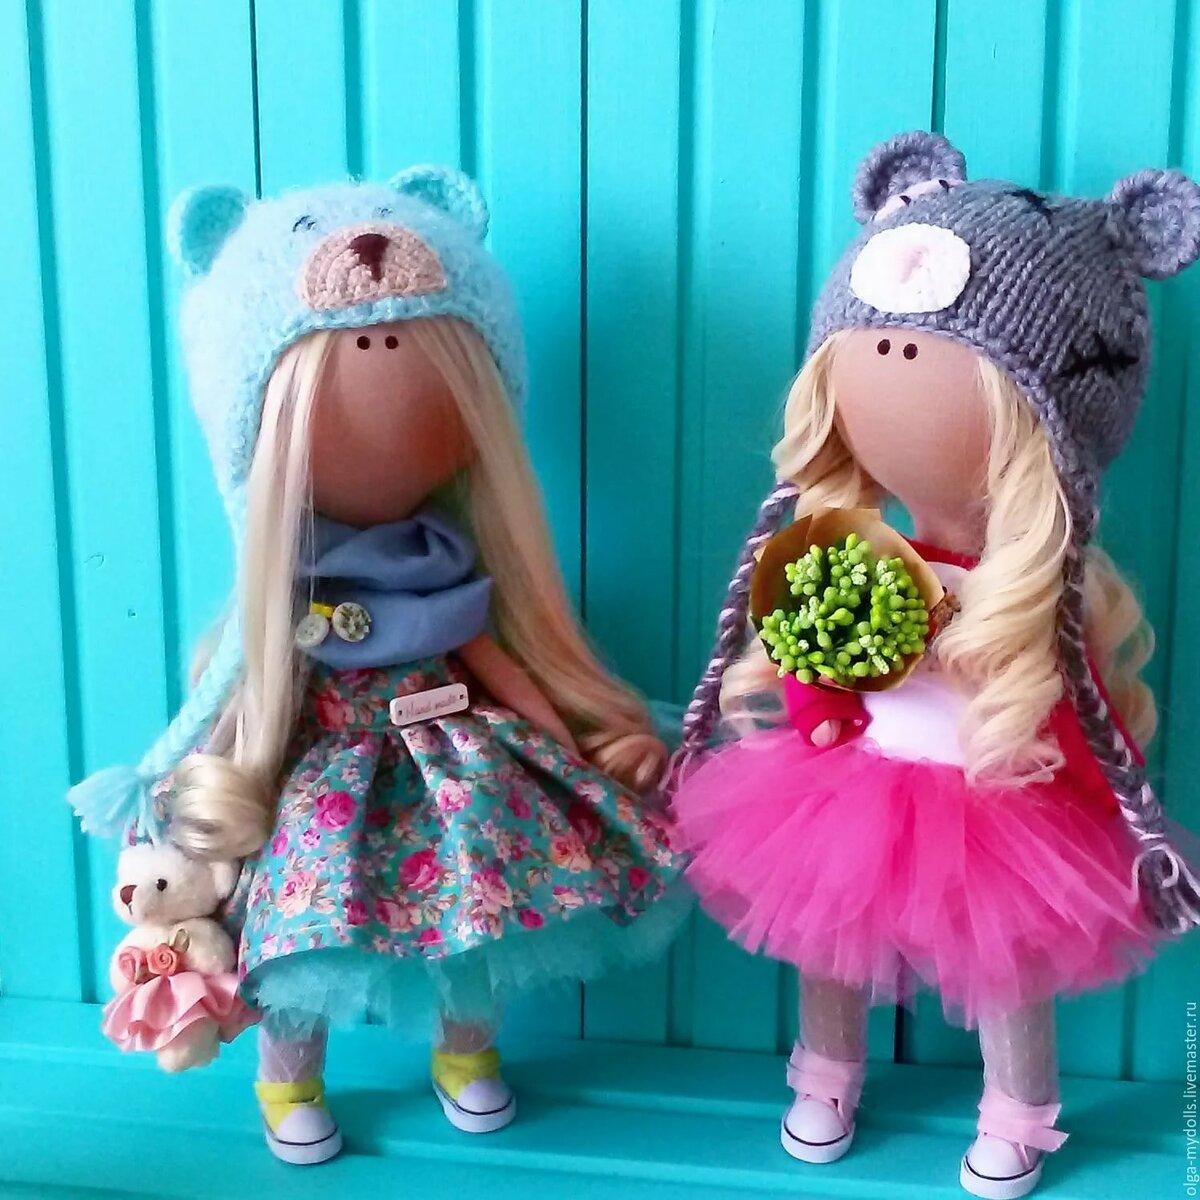 Картинки с куклами своими руками